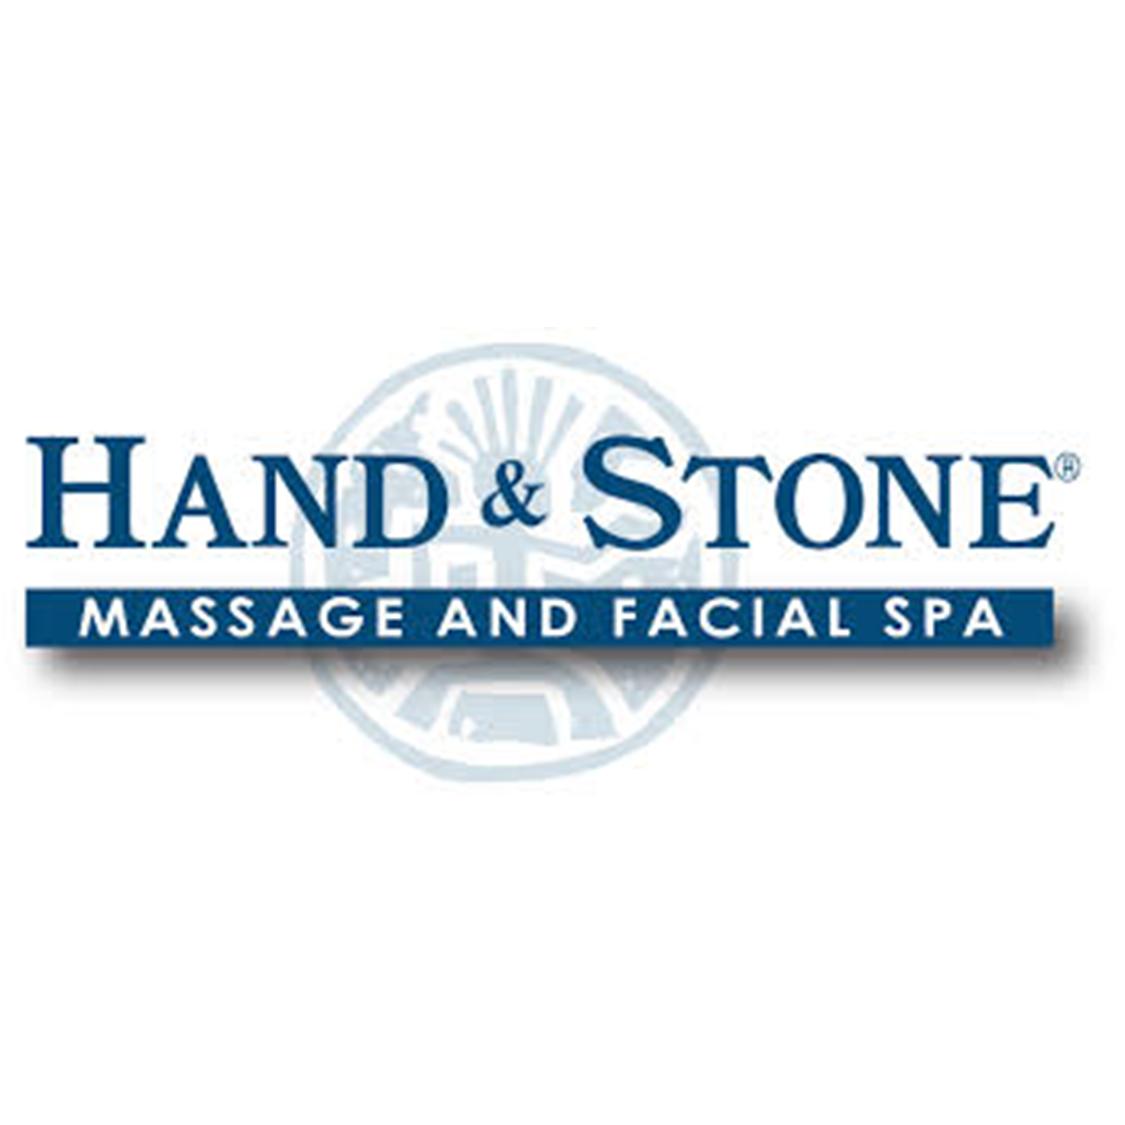 Hand & Stone - 13247 South StCerritos, CA 90703